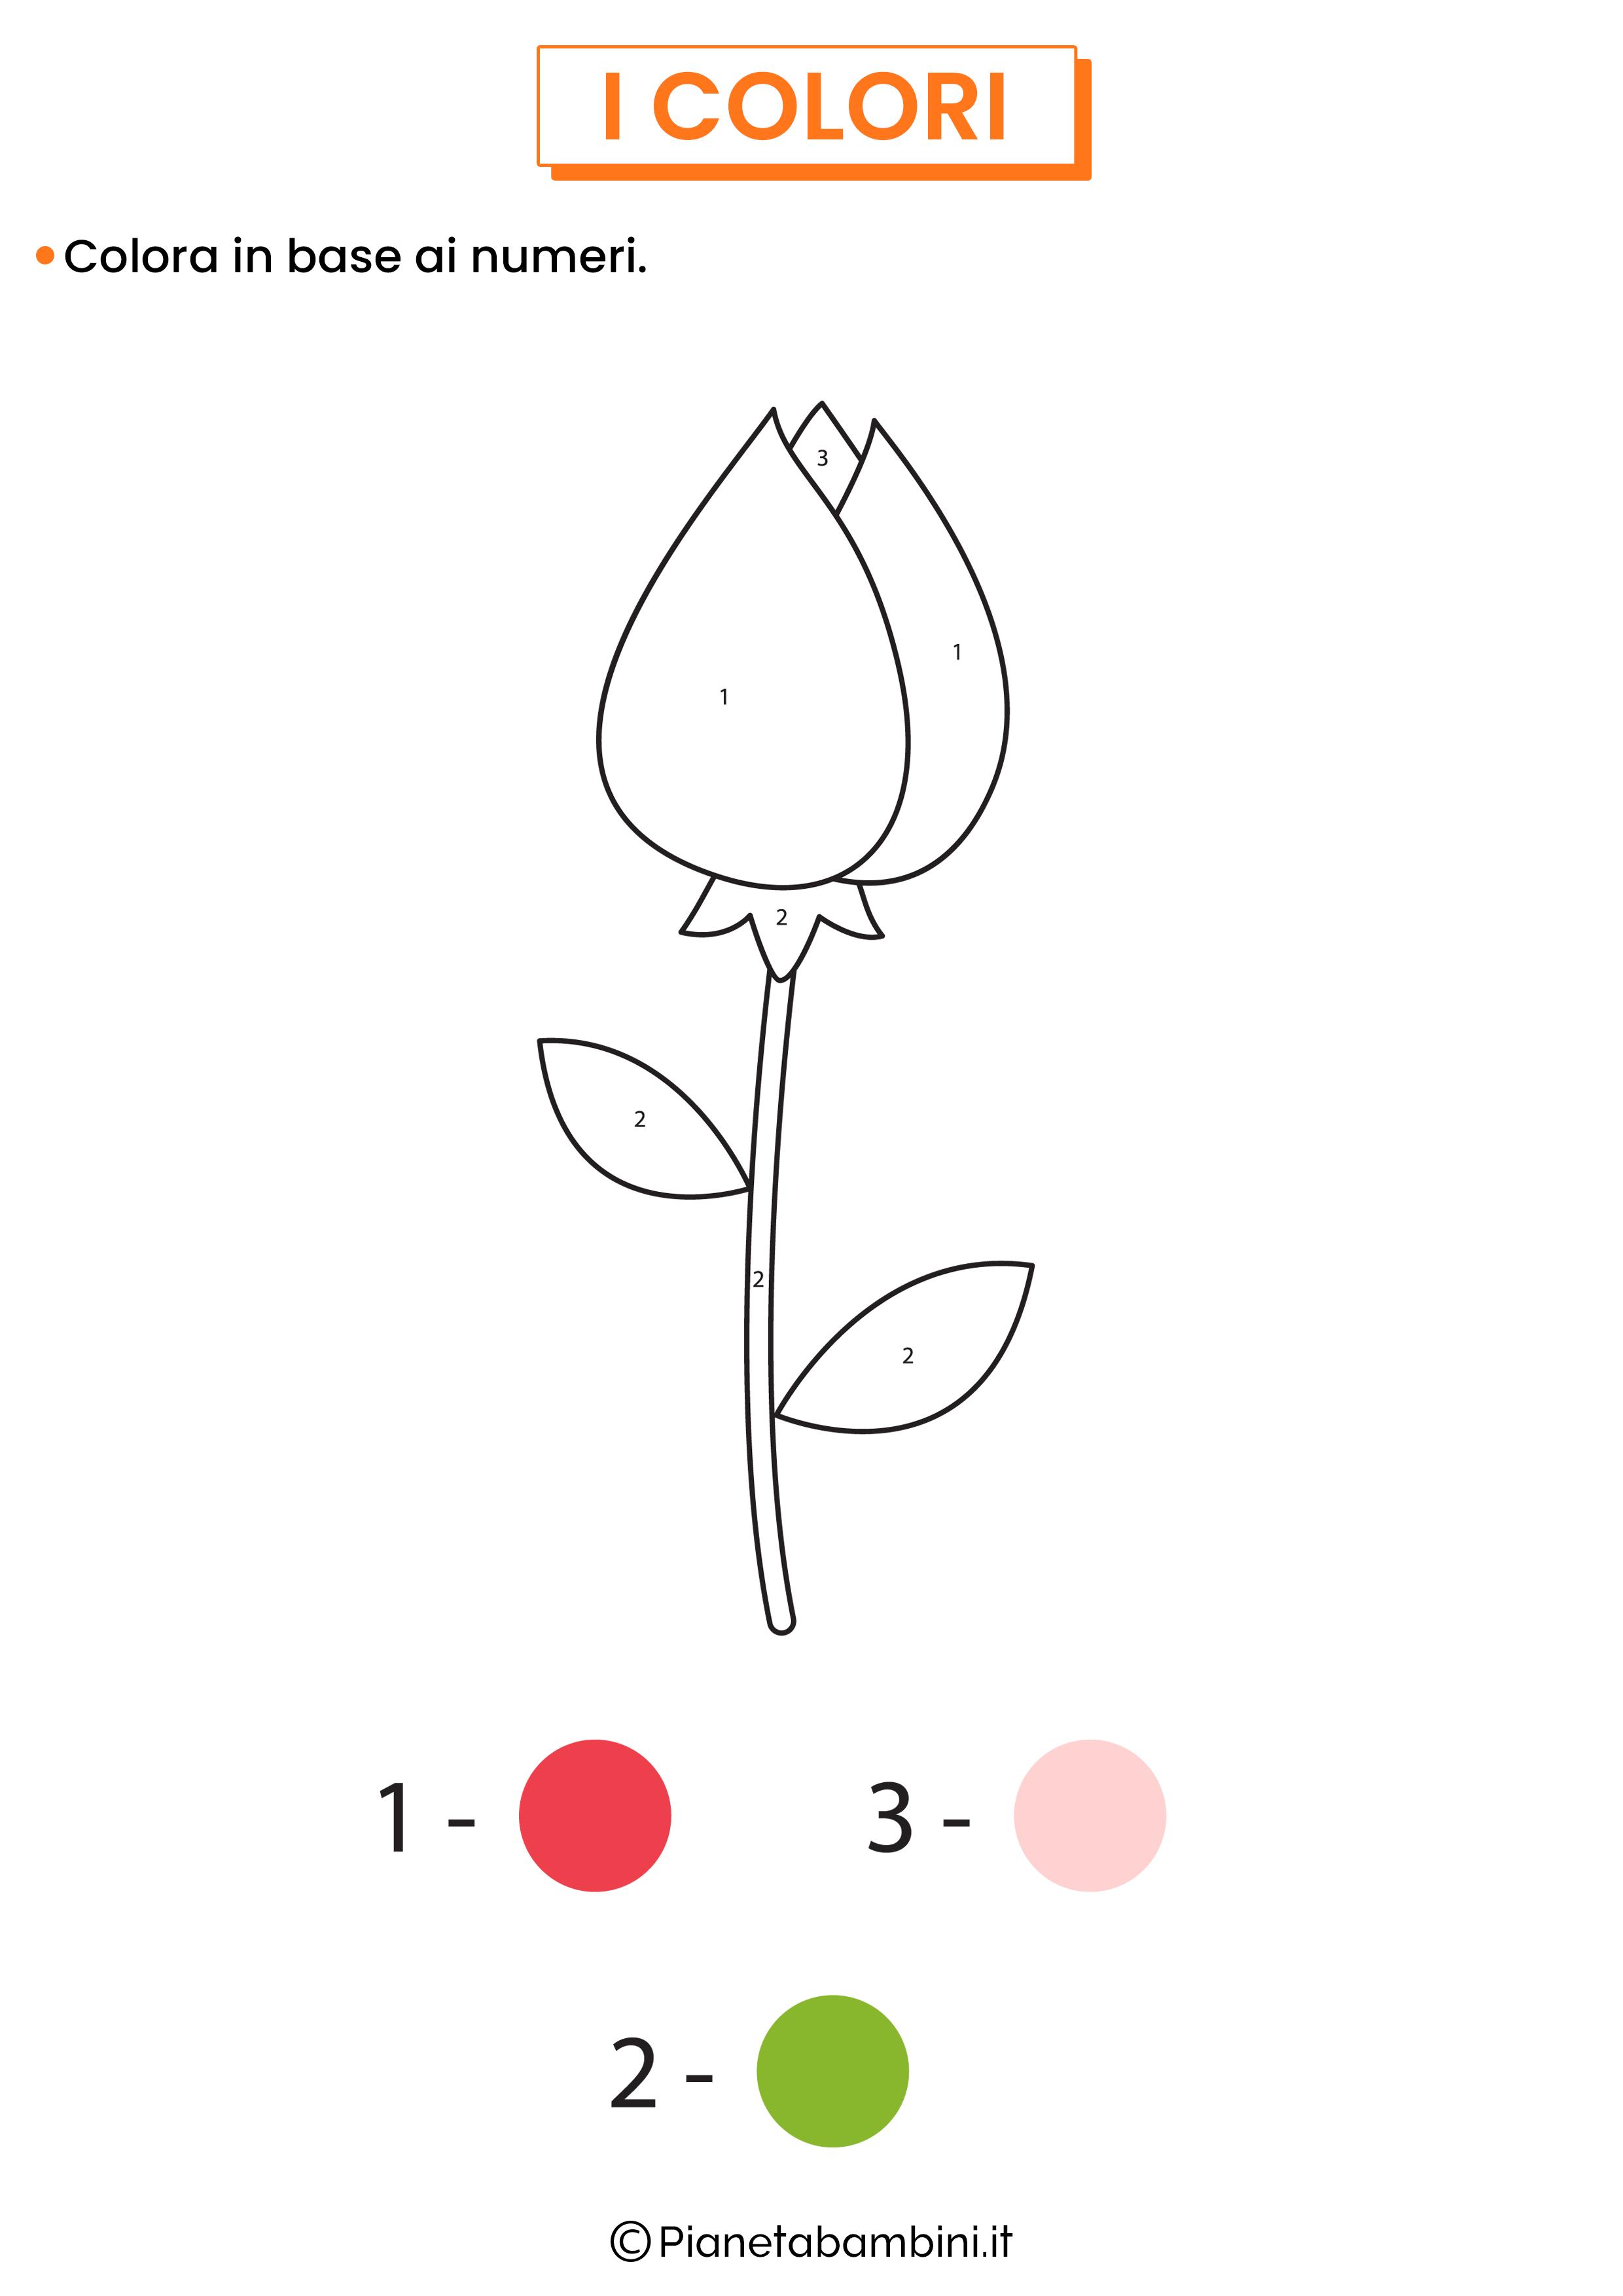 Colora in base ai numeri 1